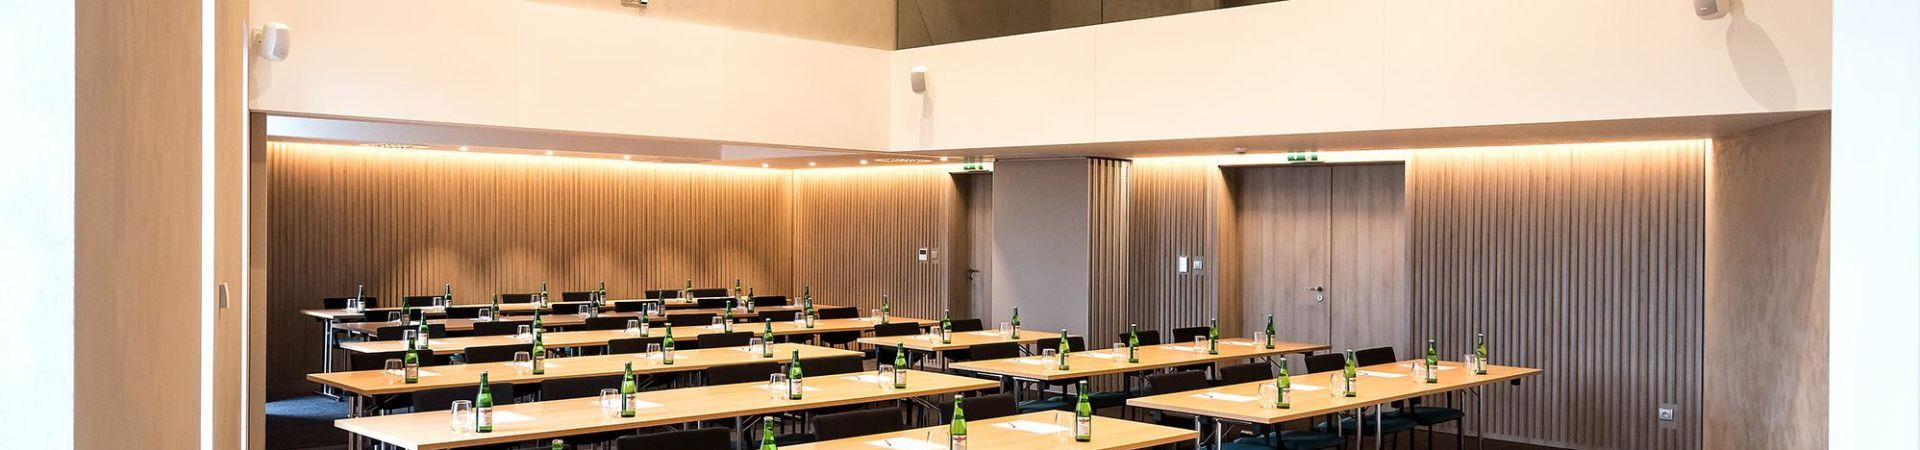 D1 Hotel & Restaurant - Sál XL